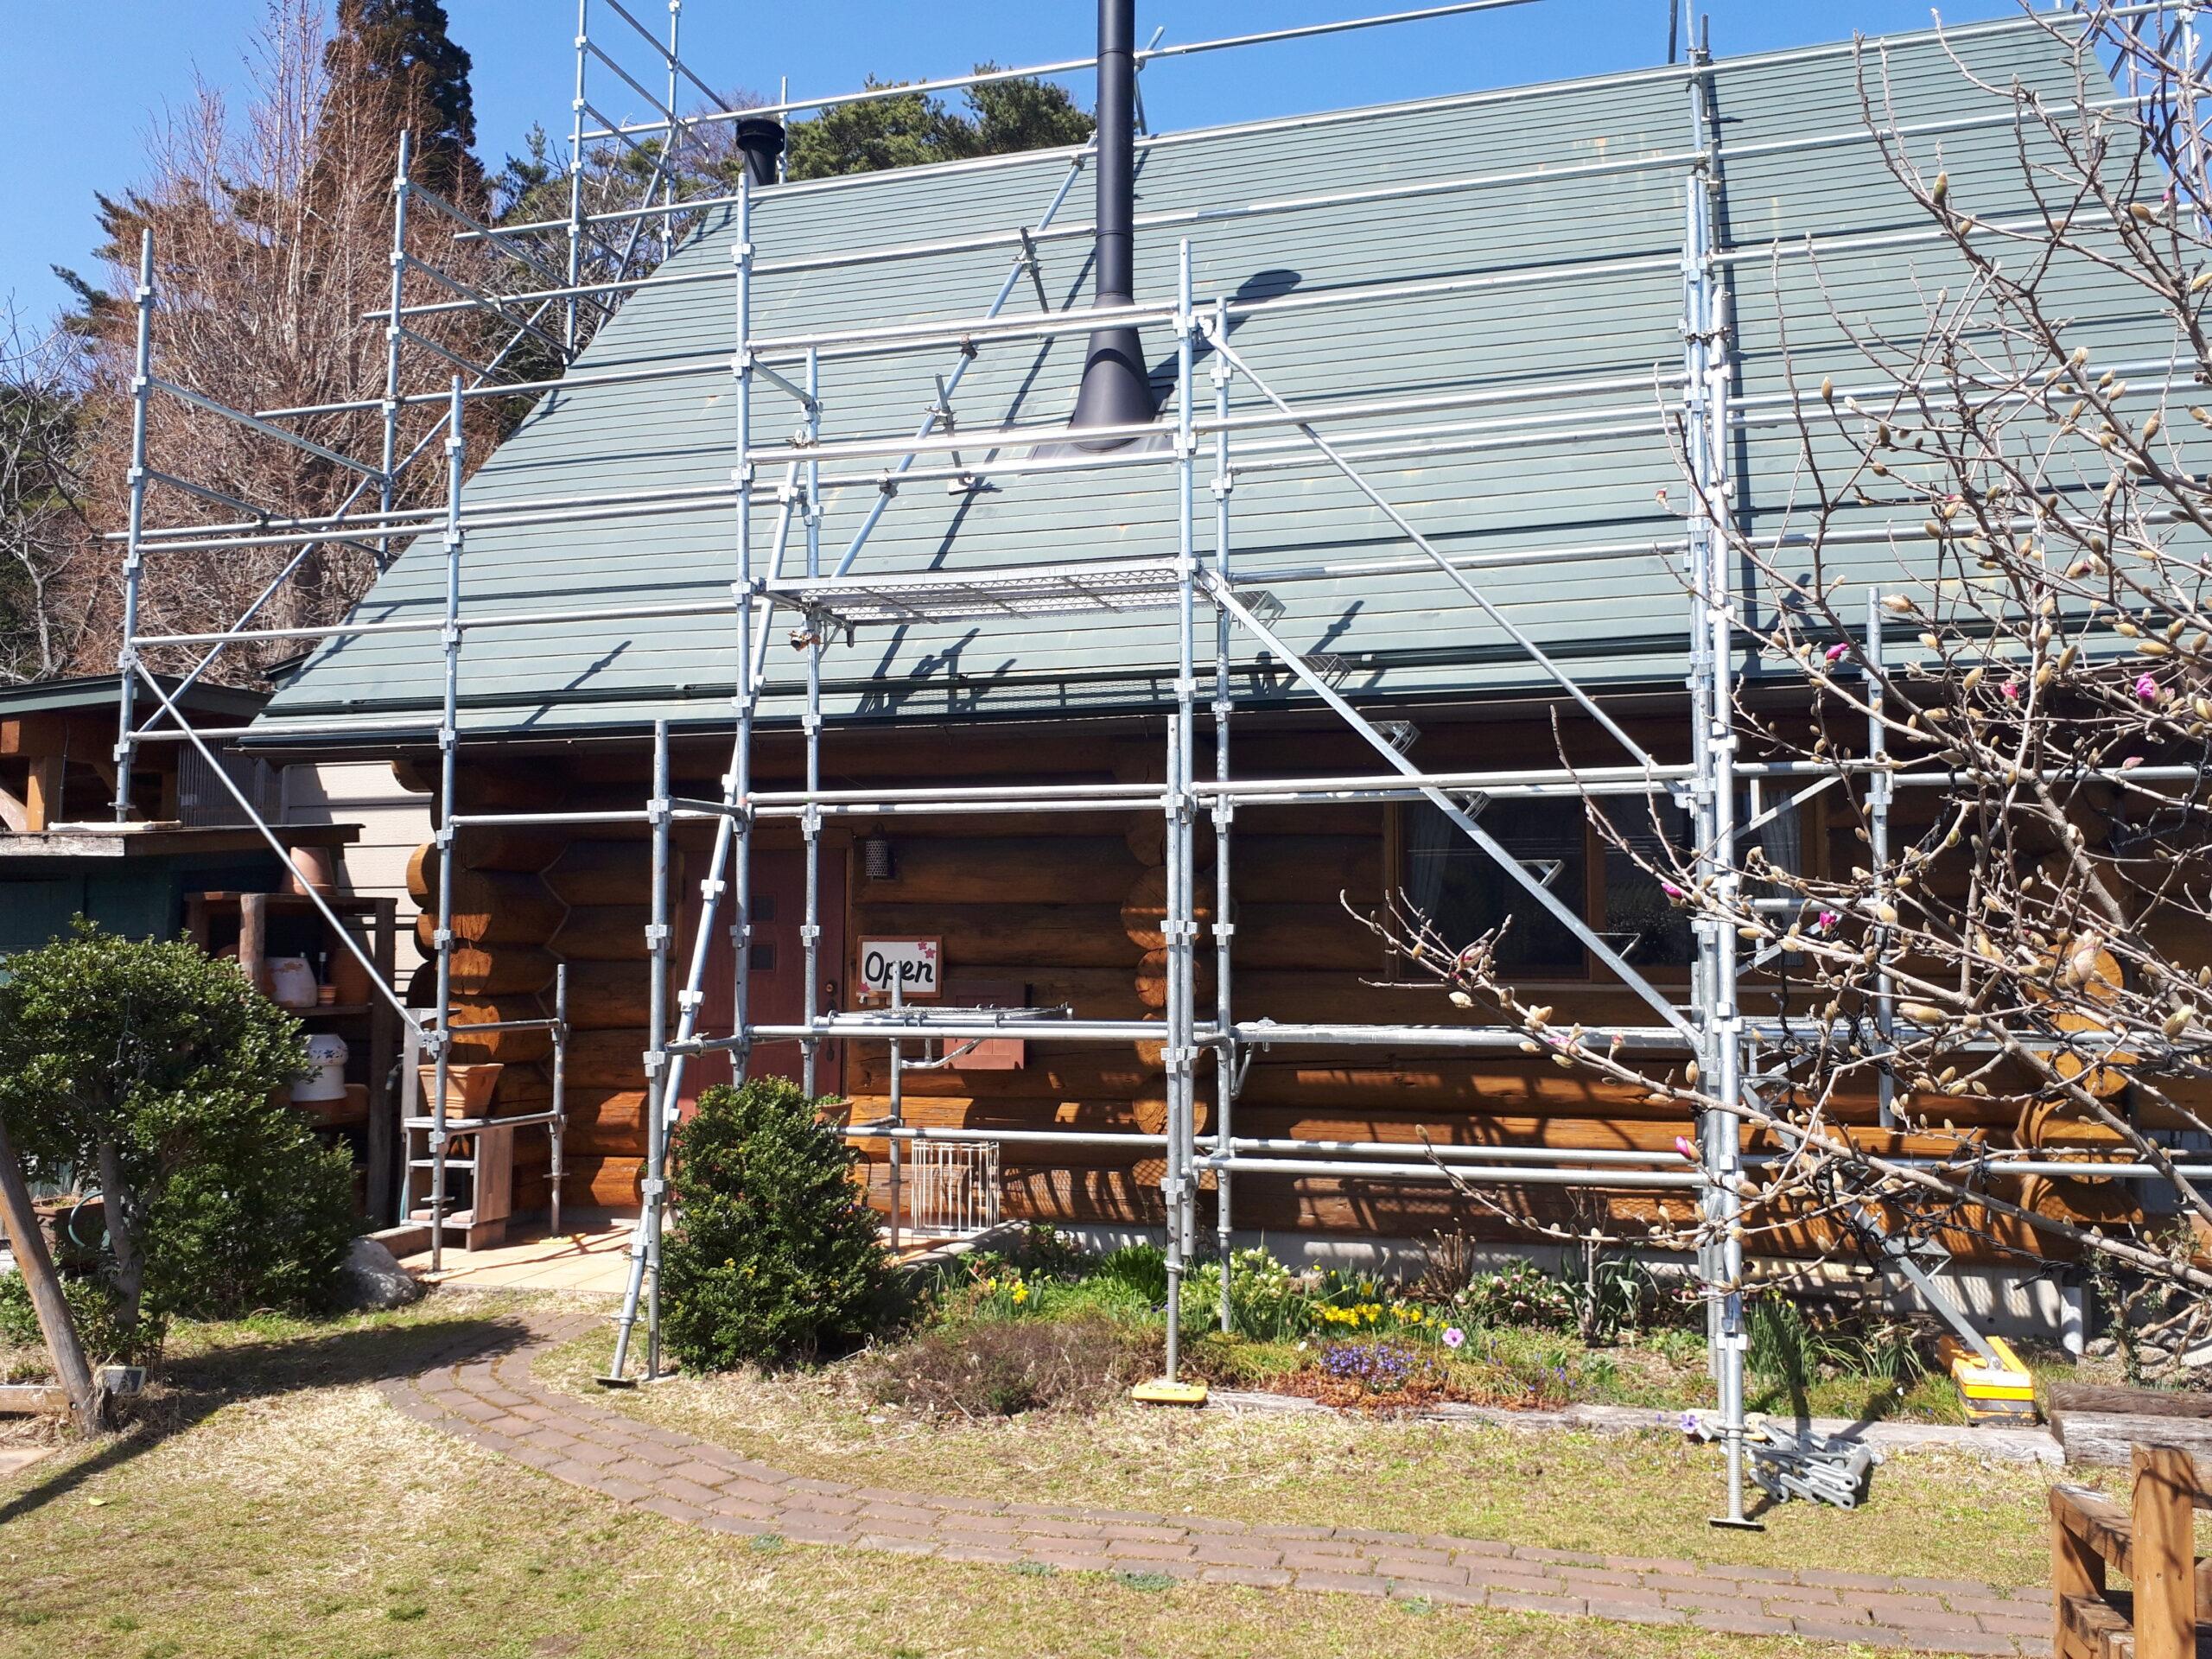 ハンドカットログハウス塗装工事開始